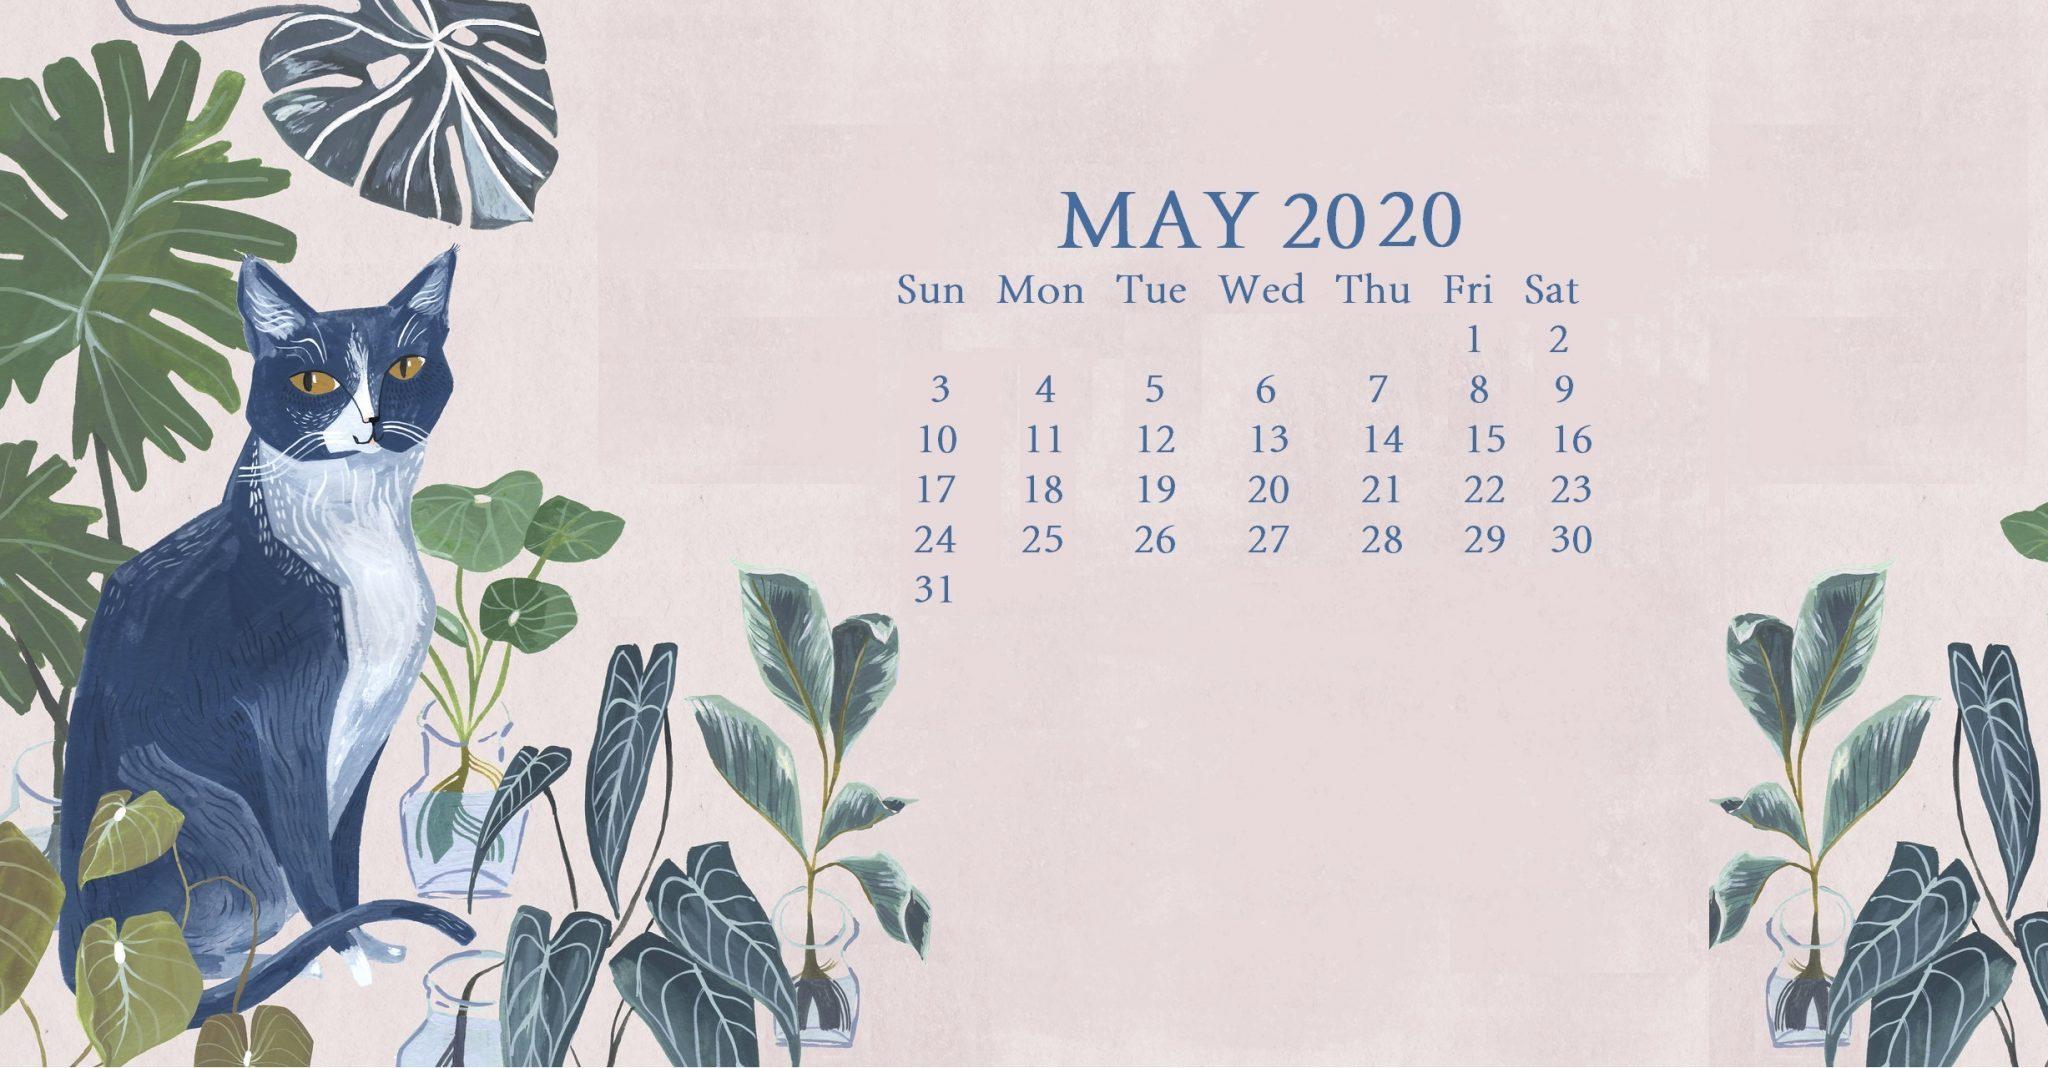 Floral May 2020 Screensaver